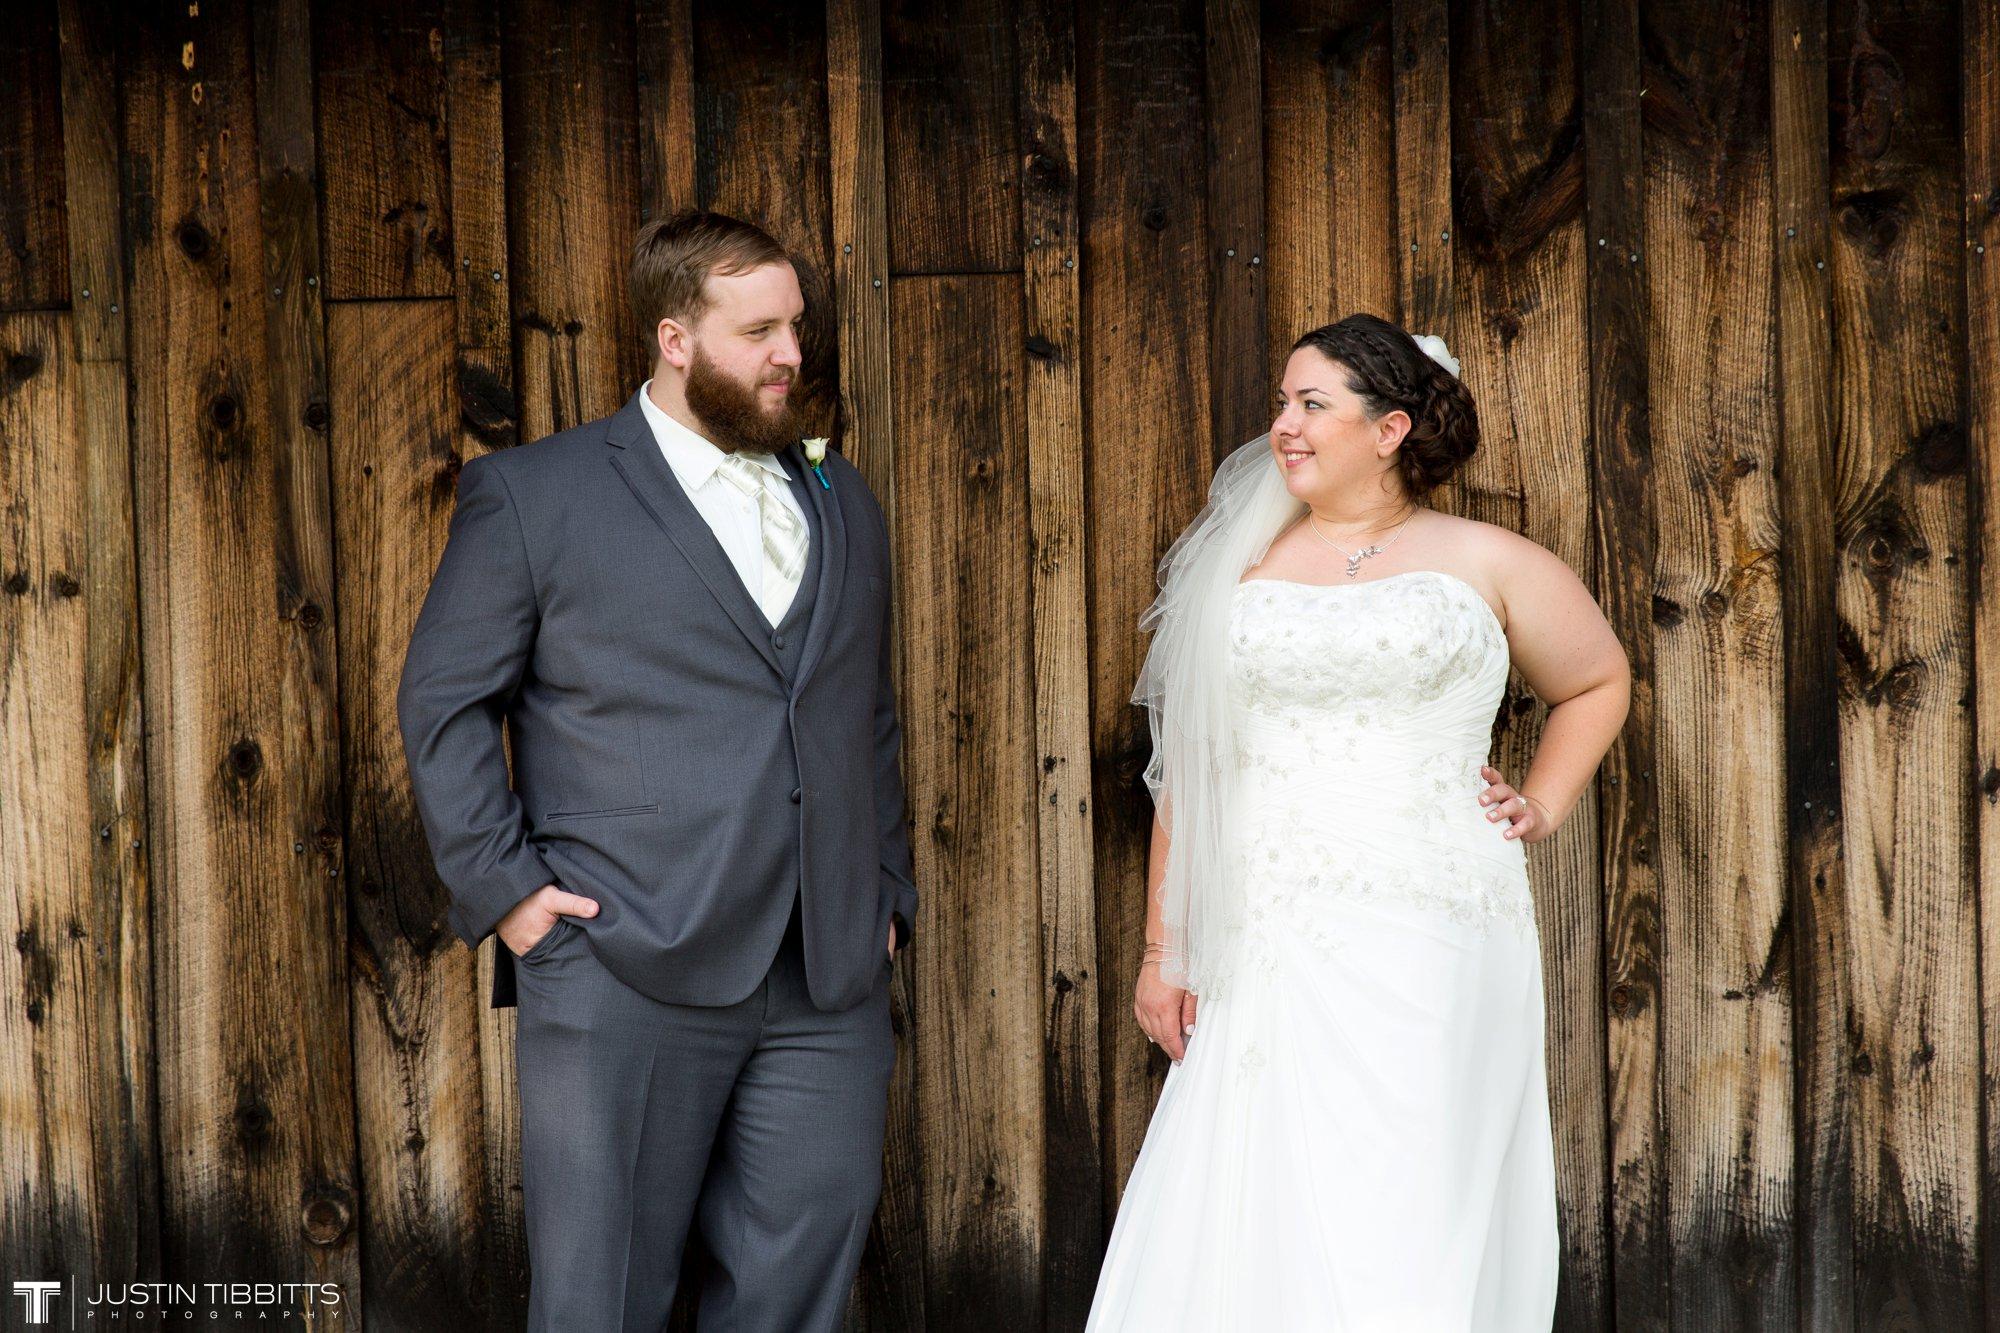 Albany NY Wedding Photographer Justin Tibbitts Photography 2014 Best of Albany NY Weddings-141117117